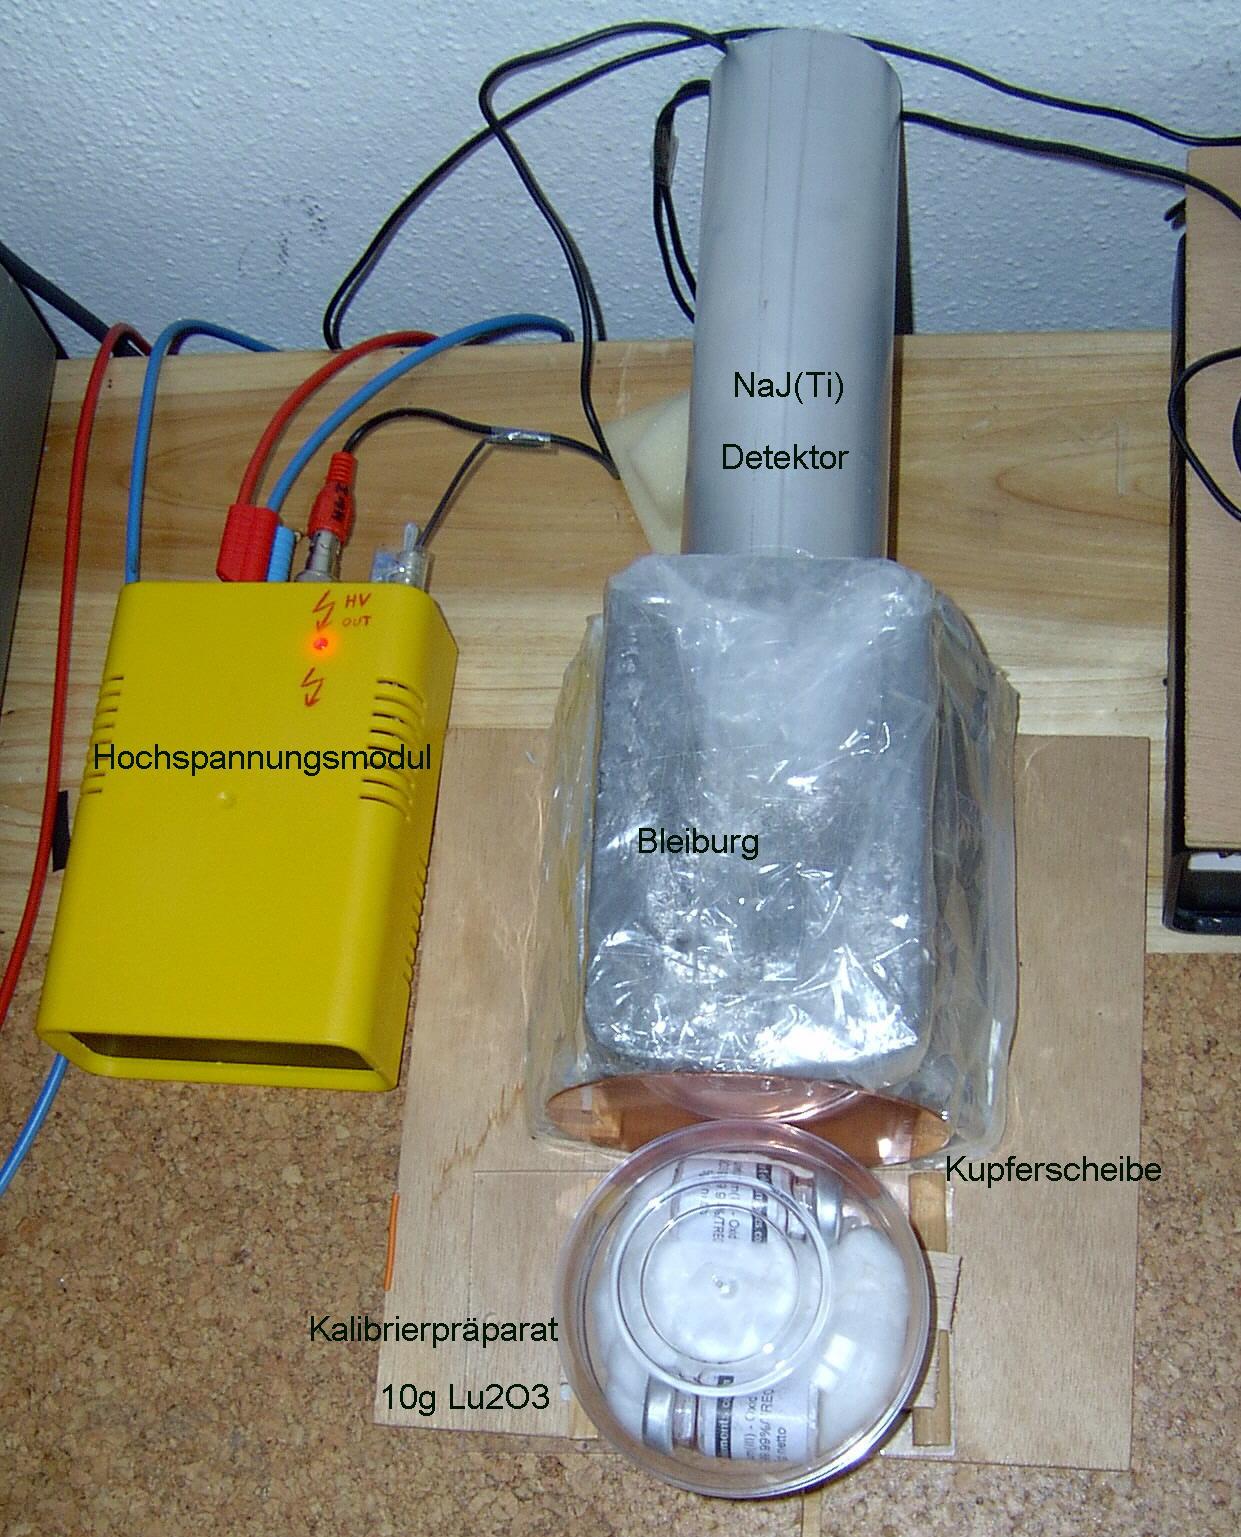 Beispiel für einen liegenden Messaufbau Gamma-Spektrometer Eigenbau mit NaJ(Ti) Detektor